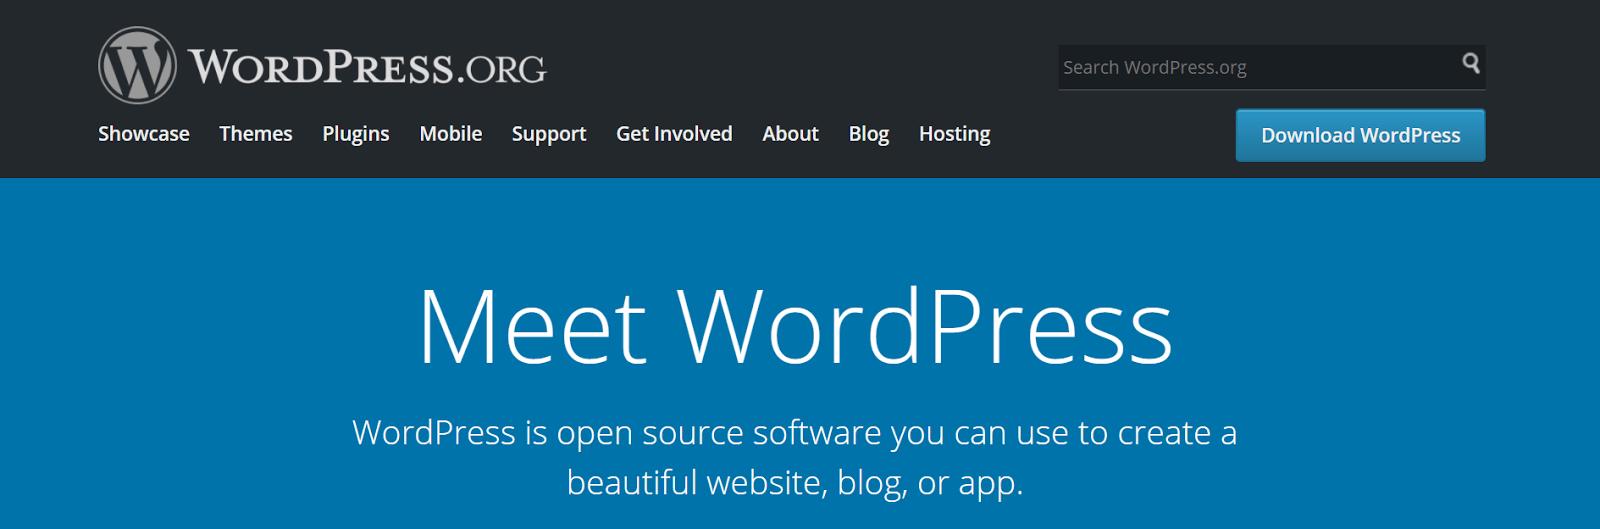 wordpress-homepage.PNG